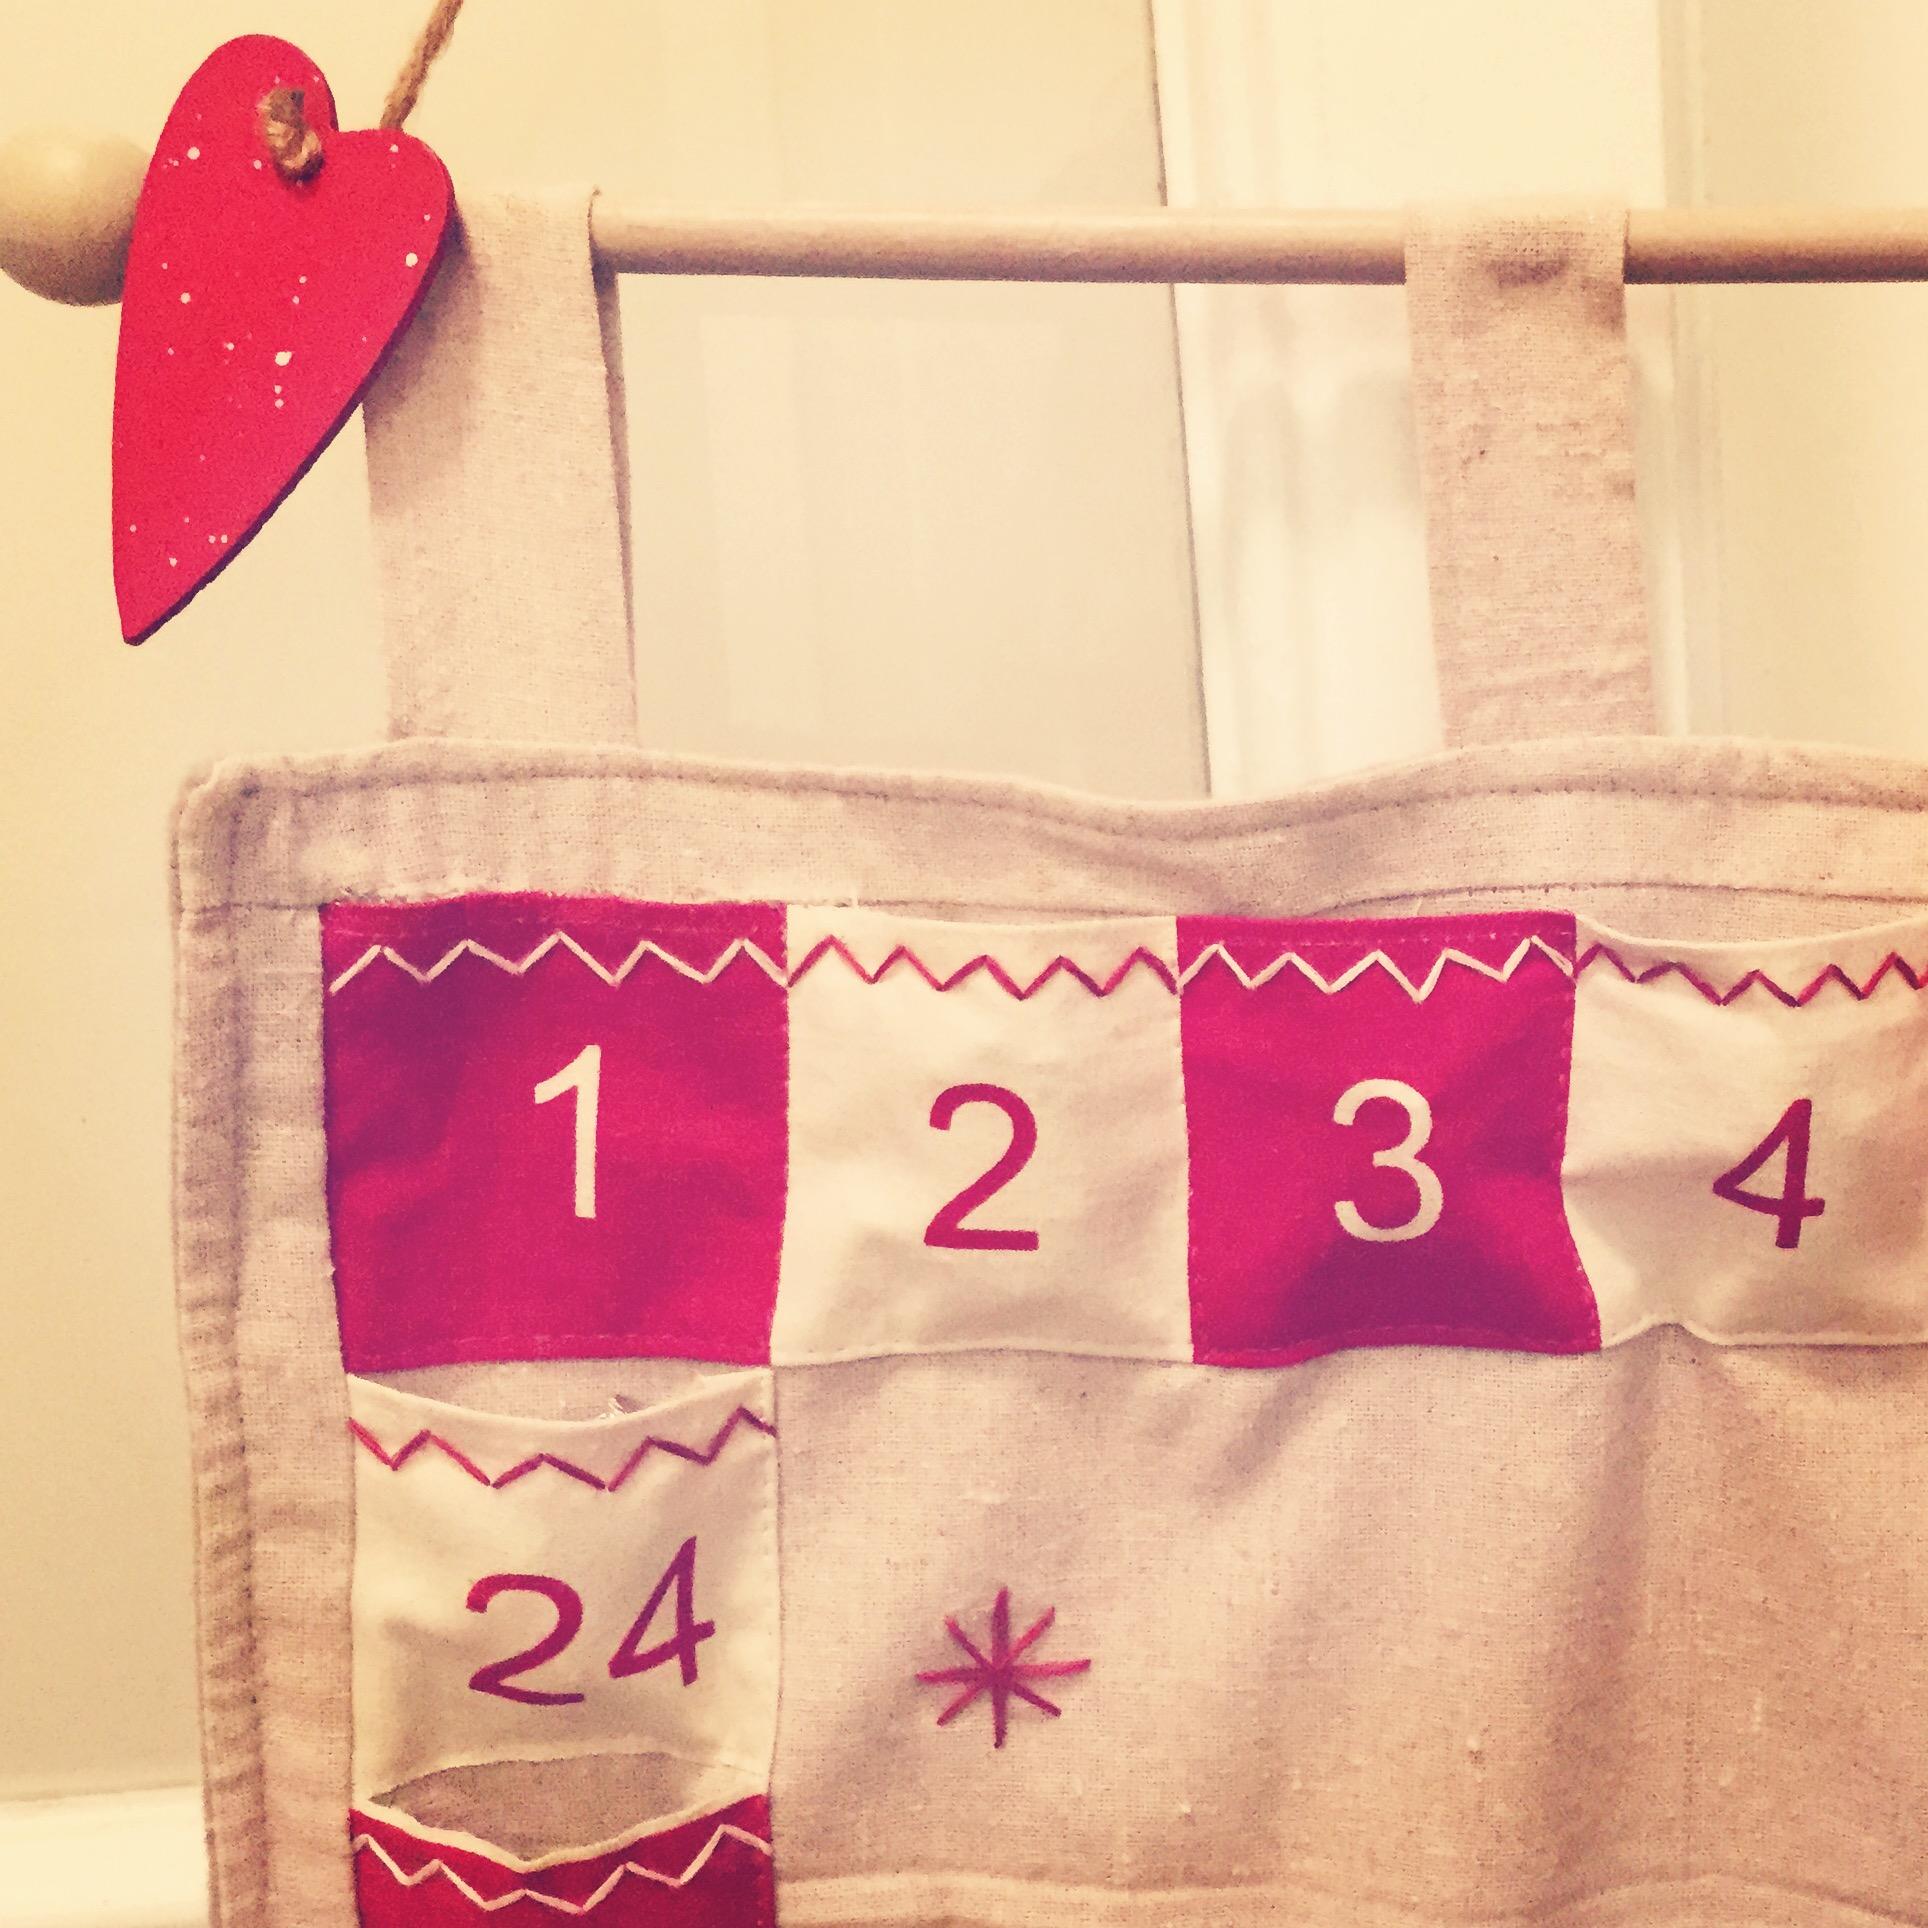 calendario avvento-babbo-natale-regali-come-fare-aiutante-non-si-dice-piacere-buone-maniere